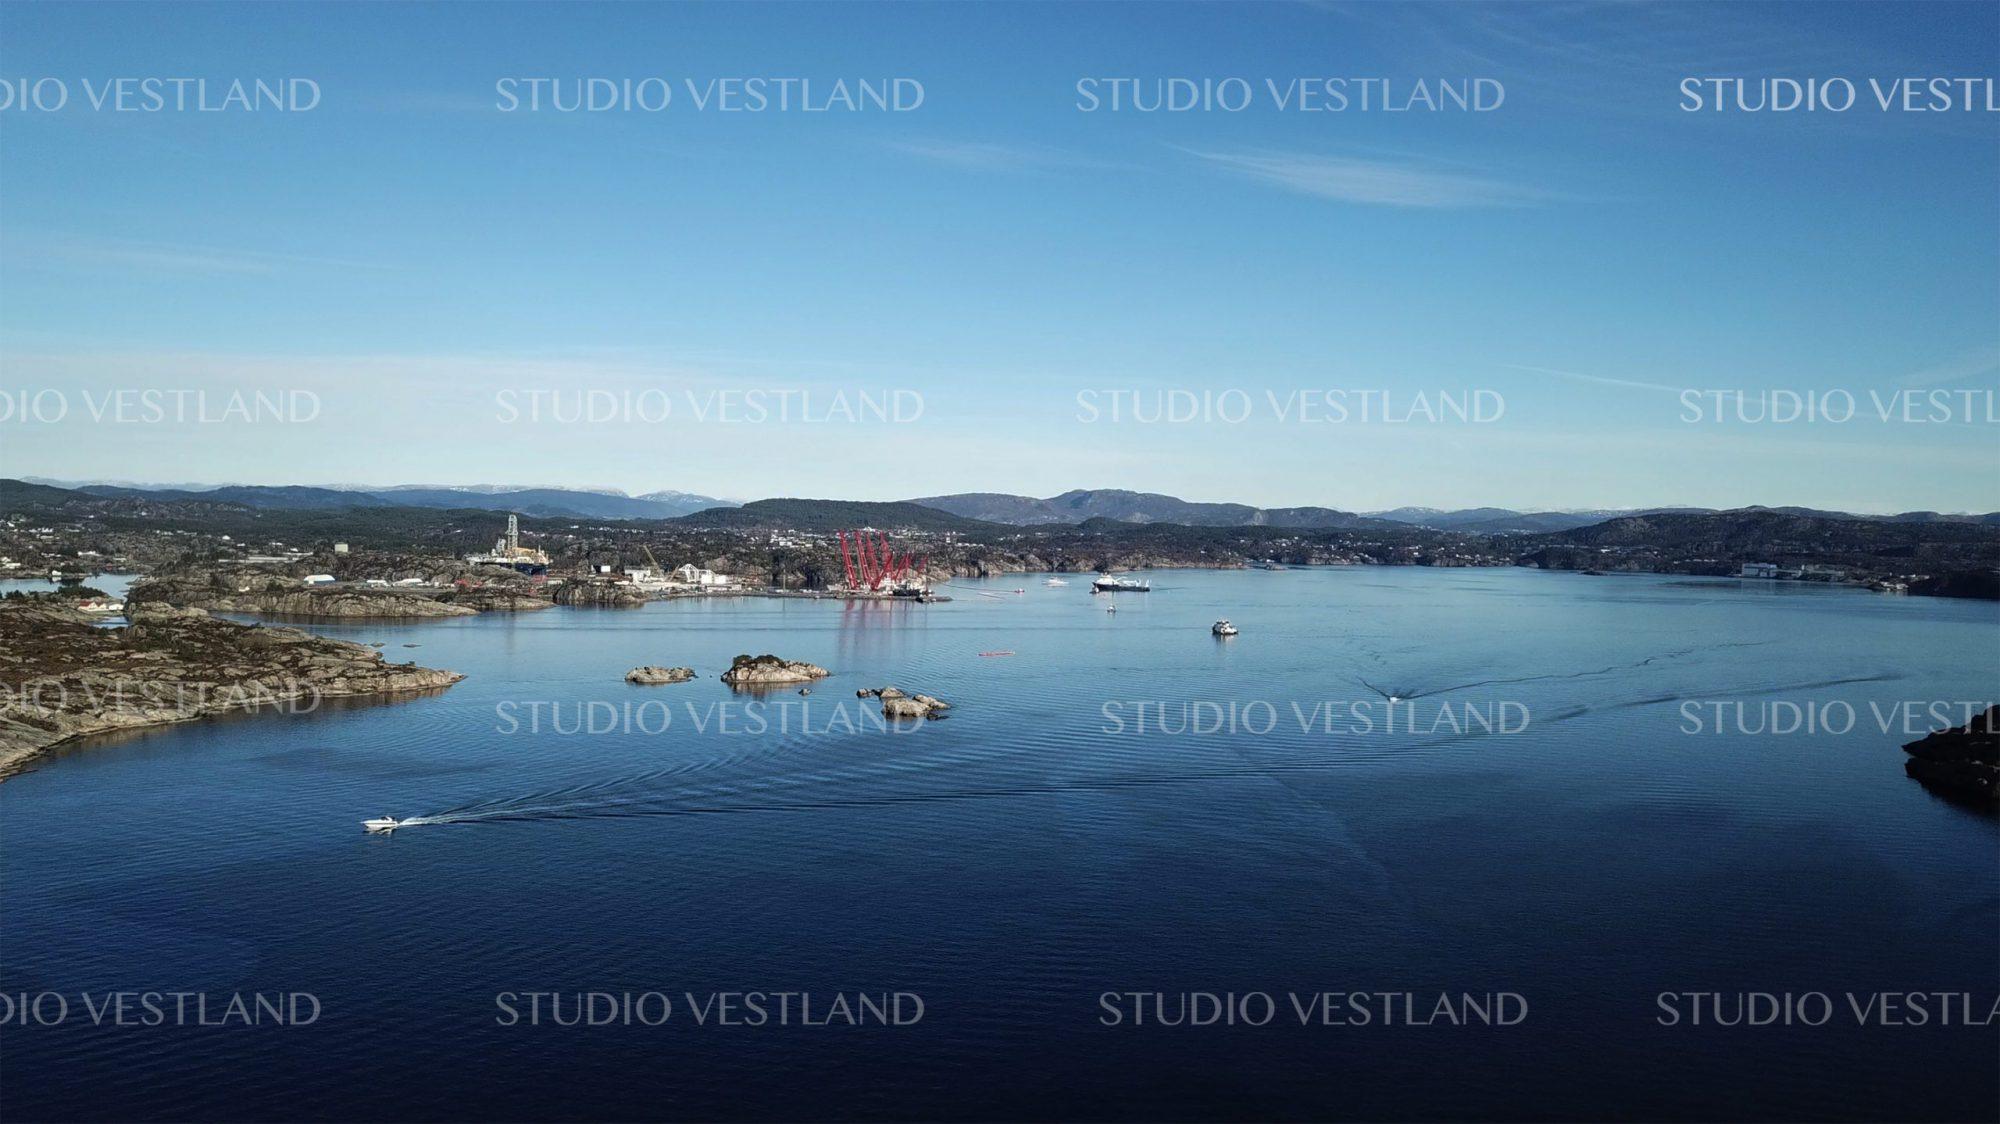 Studio Vestland - Hanøytangen 02